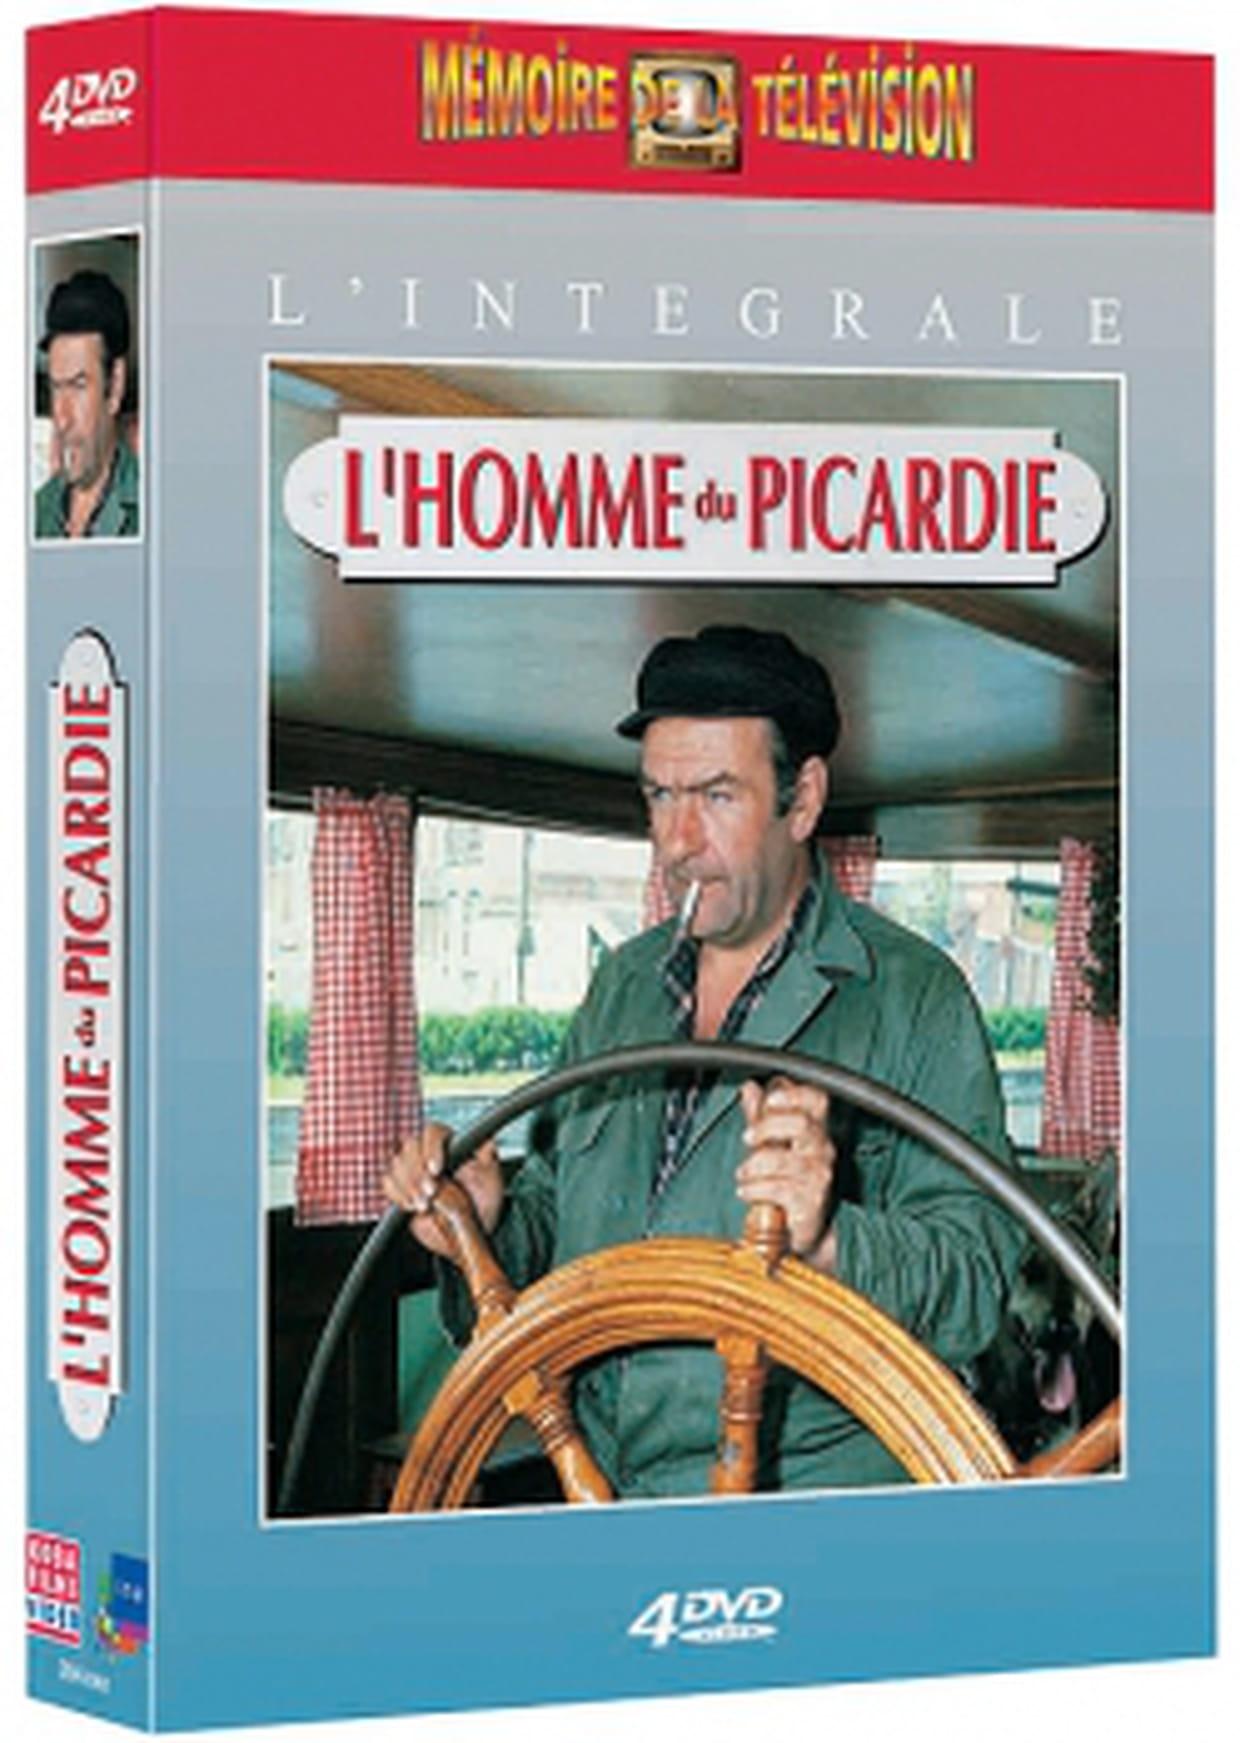 L'Homme du Picardie - L'intégrale : bande annonce du film, séances, streaming, sortie, avis